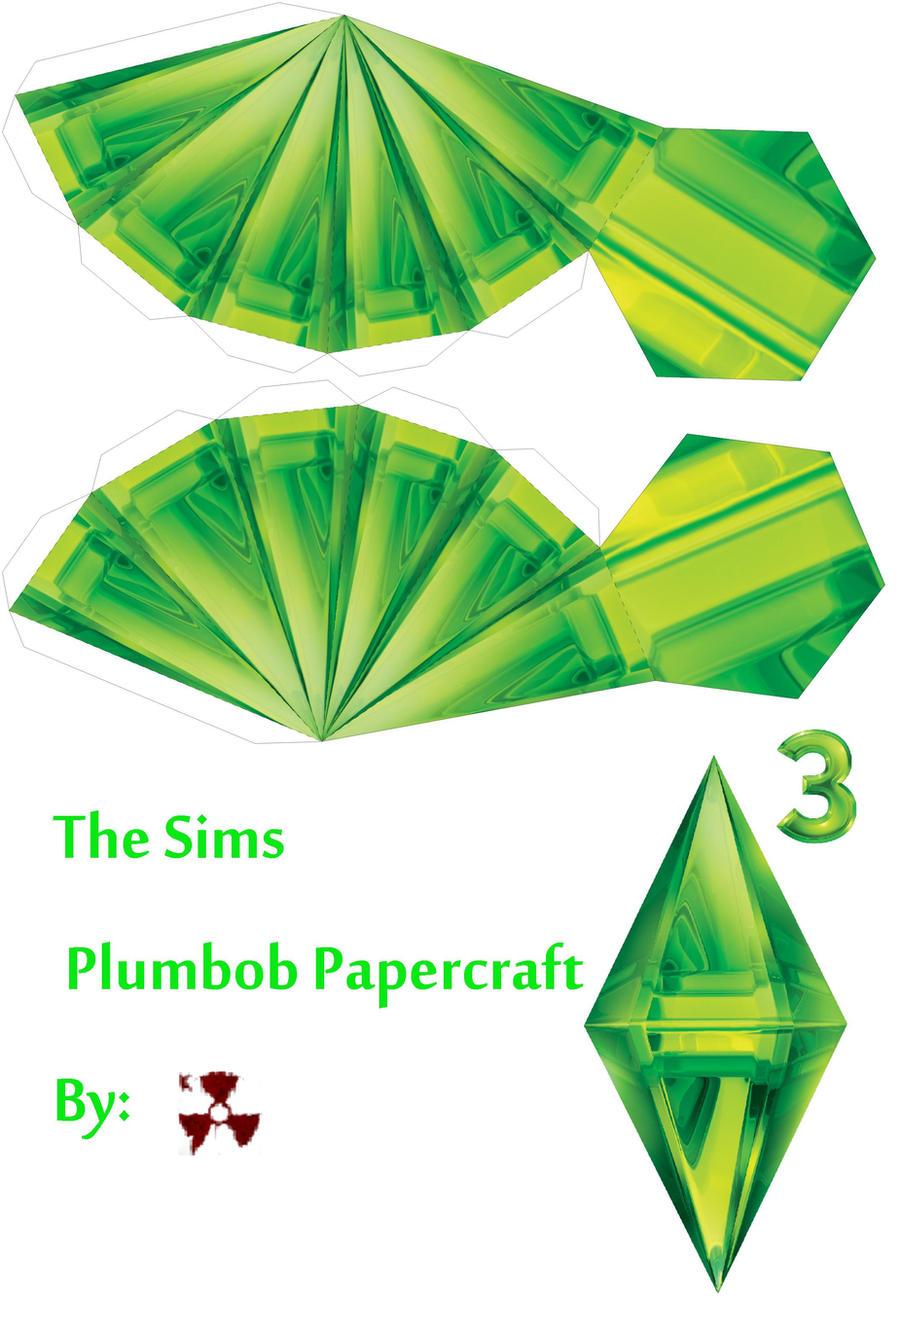 The Sims Plumbob Papercraft